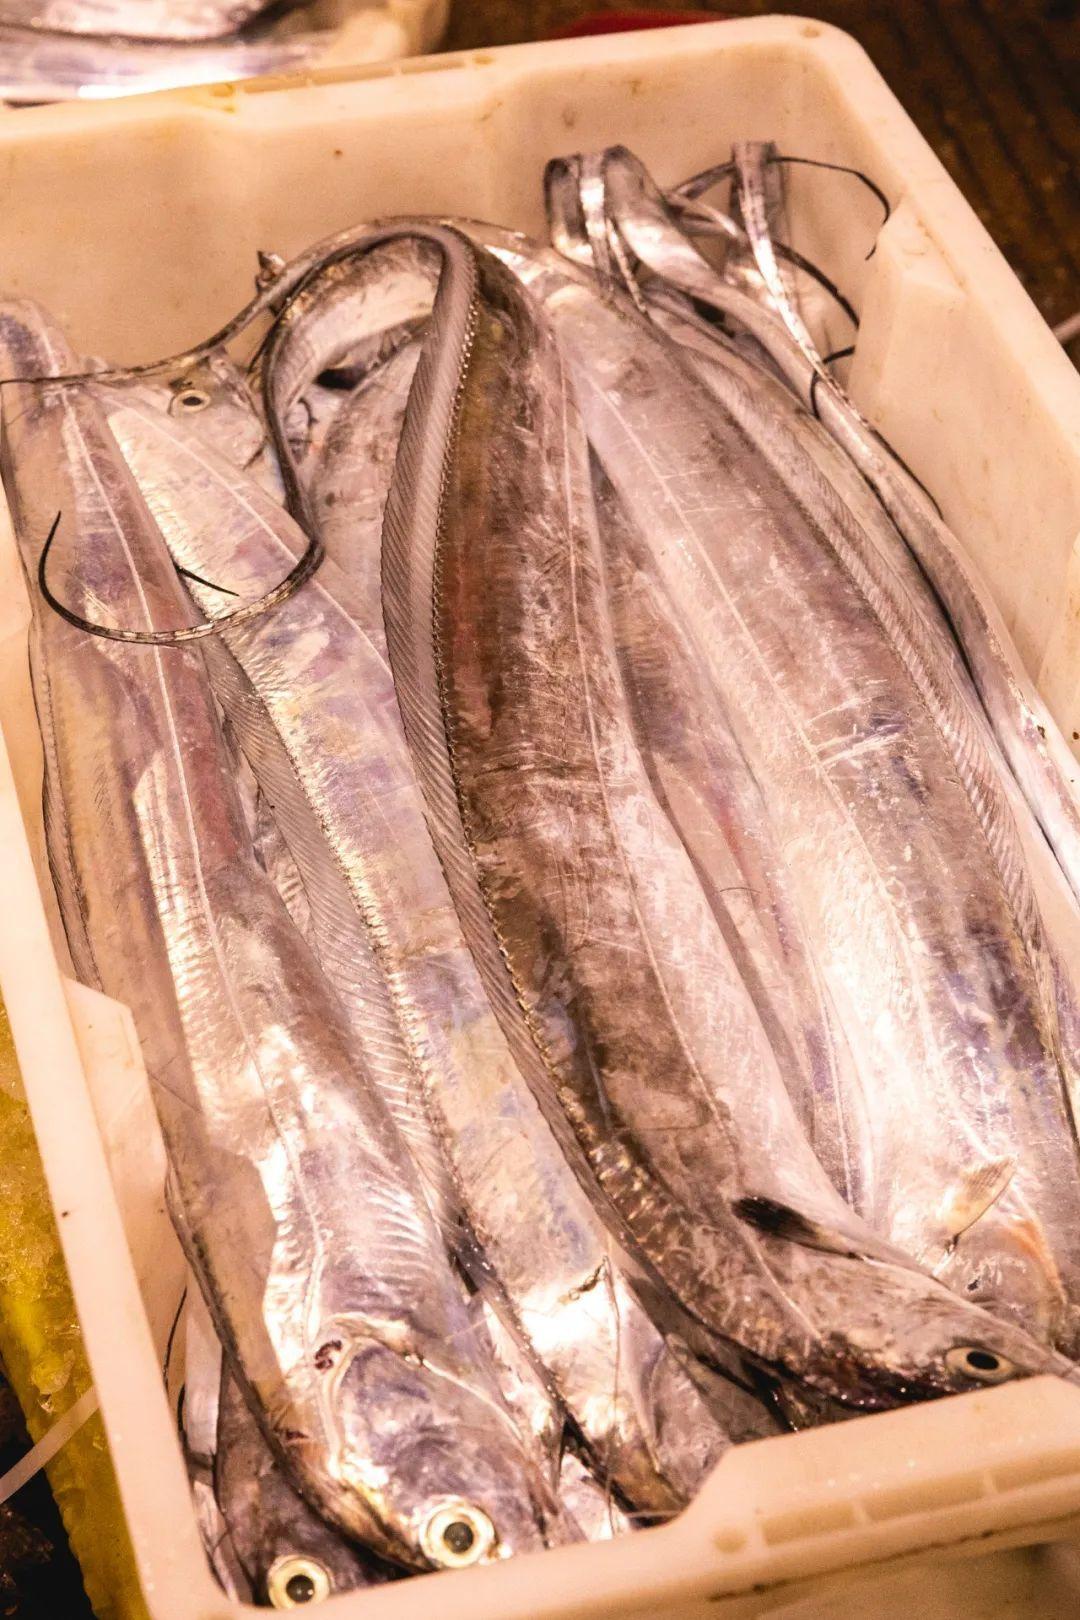 舟山海鲜市场里整装待发的带鱼。摄影/朱梦菲